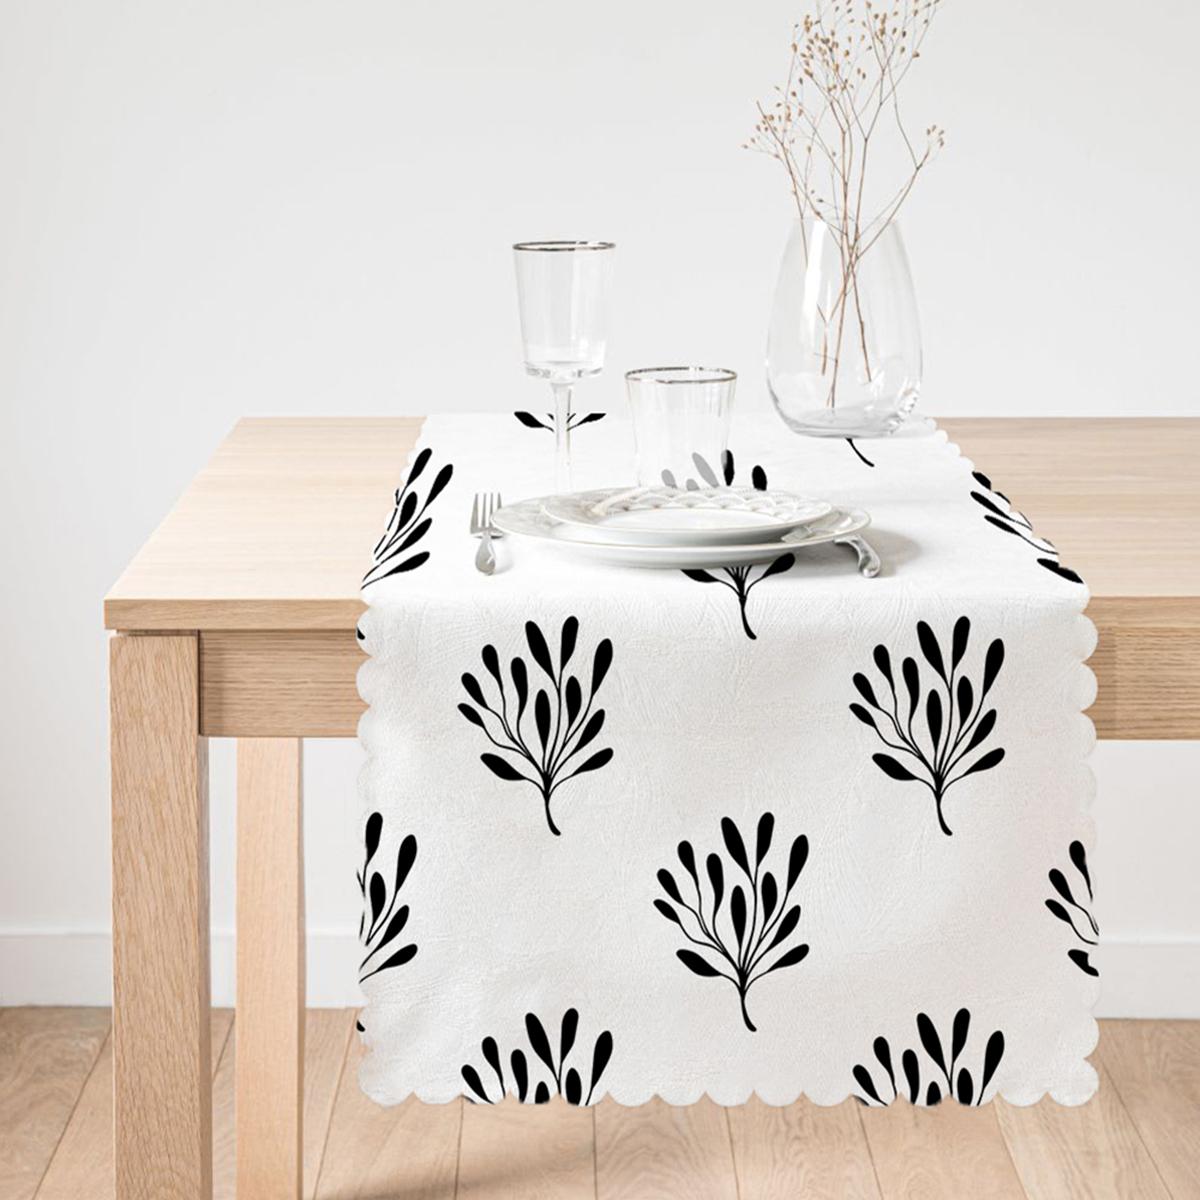 Siyah Beyaz Yaprak Motifli Dekoratif Runner Realhomes